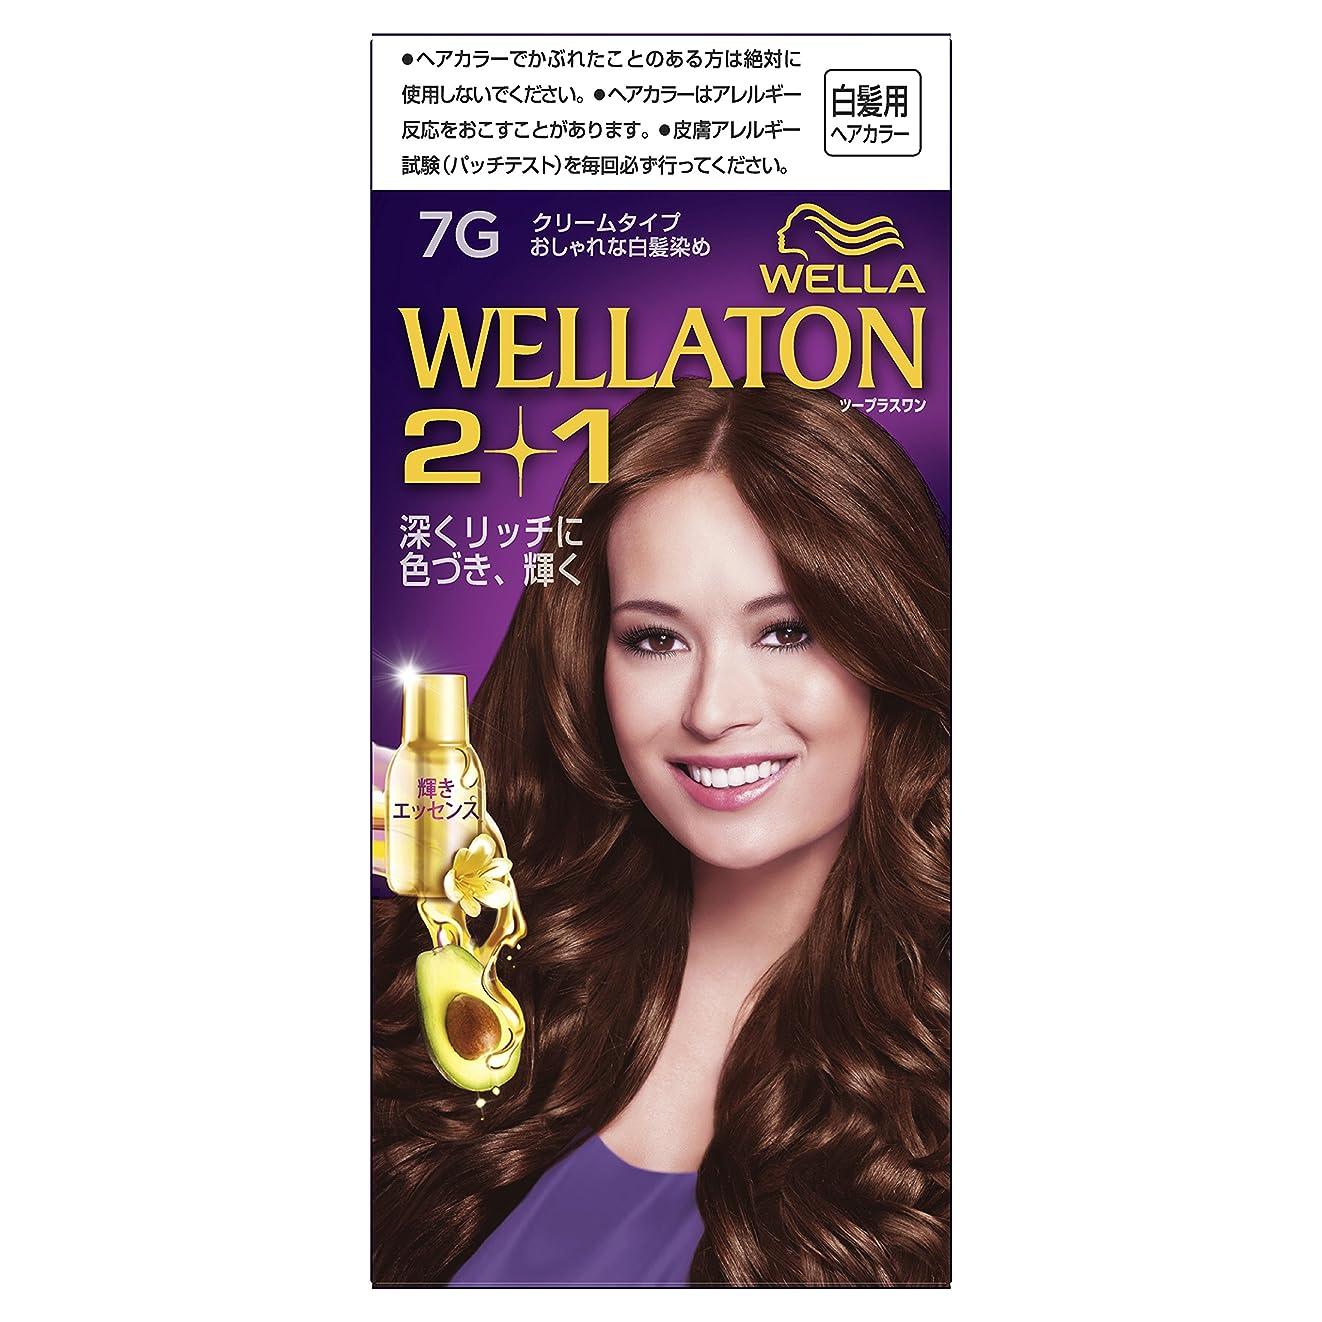 吹きさらし潤滑する預言者ウエラトーン2+1 クリームタイプ 7G [医薬部外品](おしゃれな白髪染め)